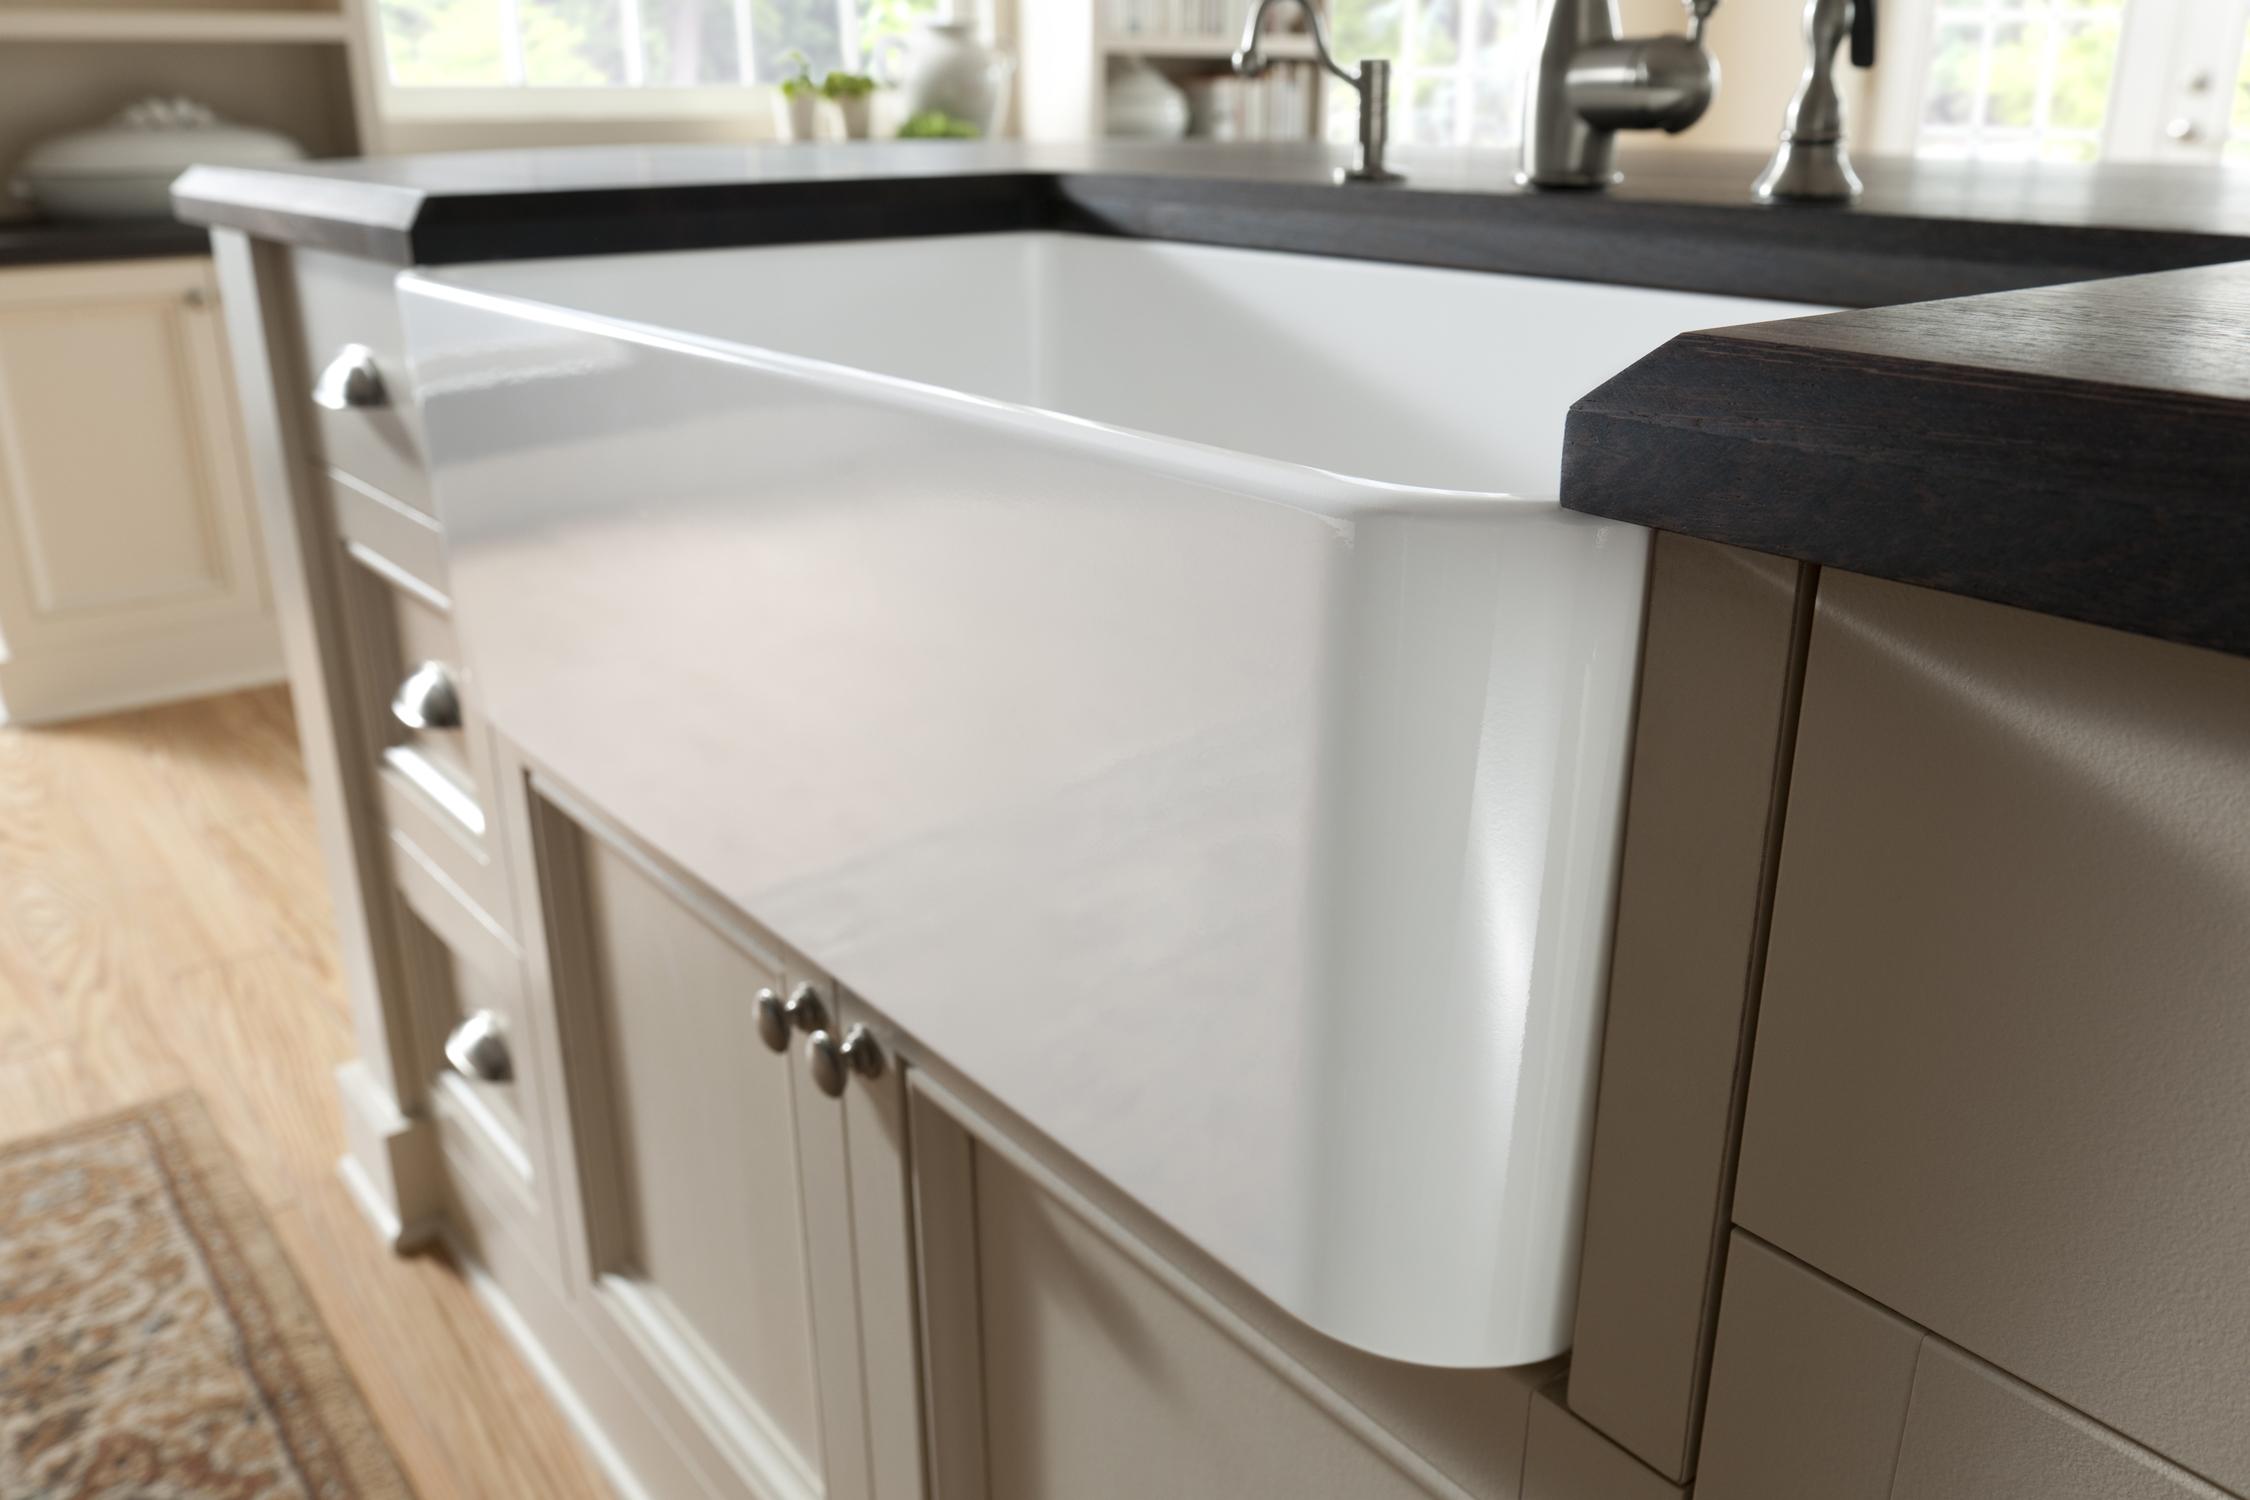 Cabinet Under Sink In Kitchen